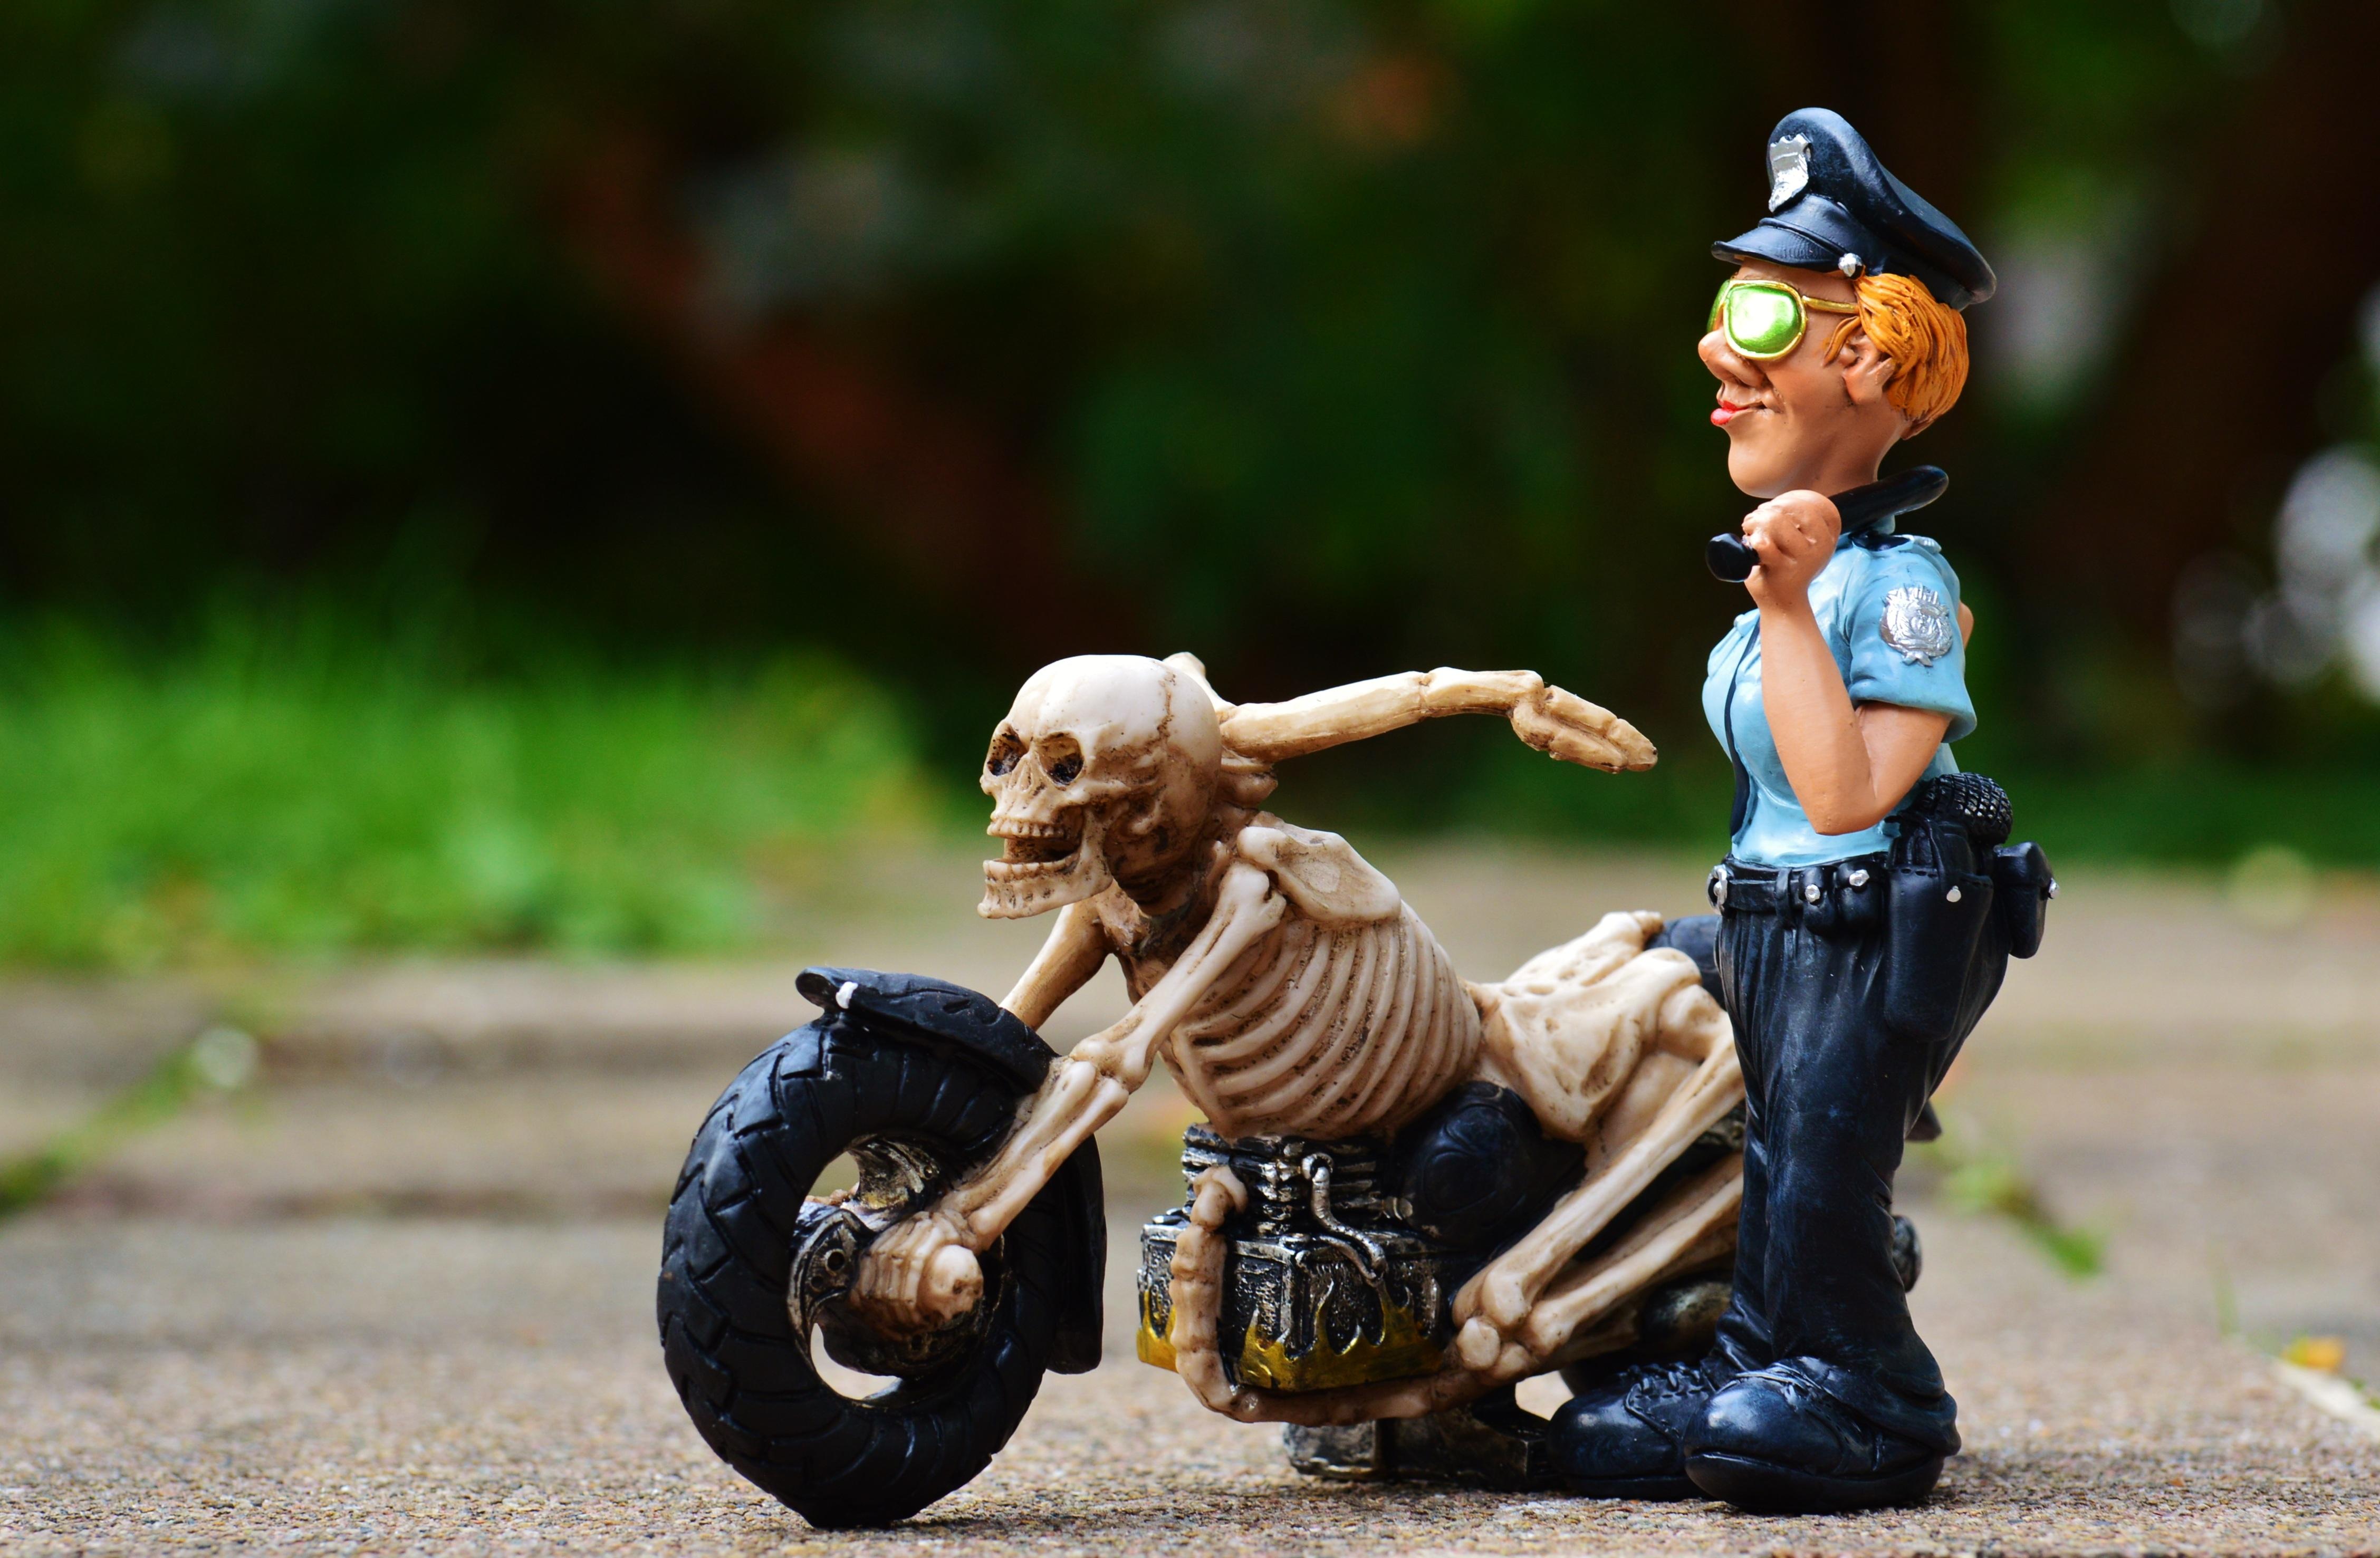 Gambar Bermain Dekorasi Sepeda Motor Halloween Anak Mainan